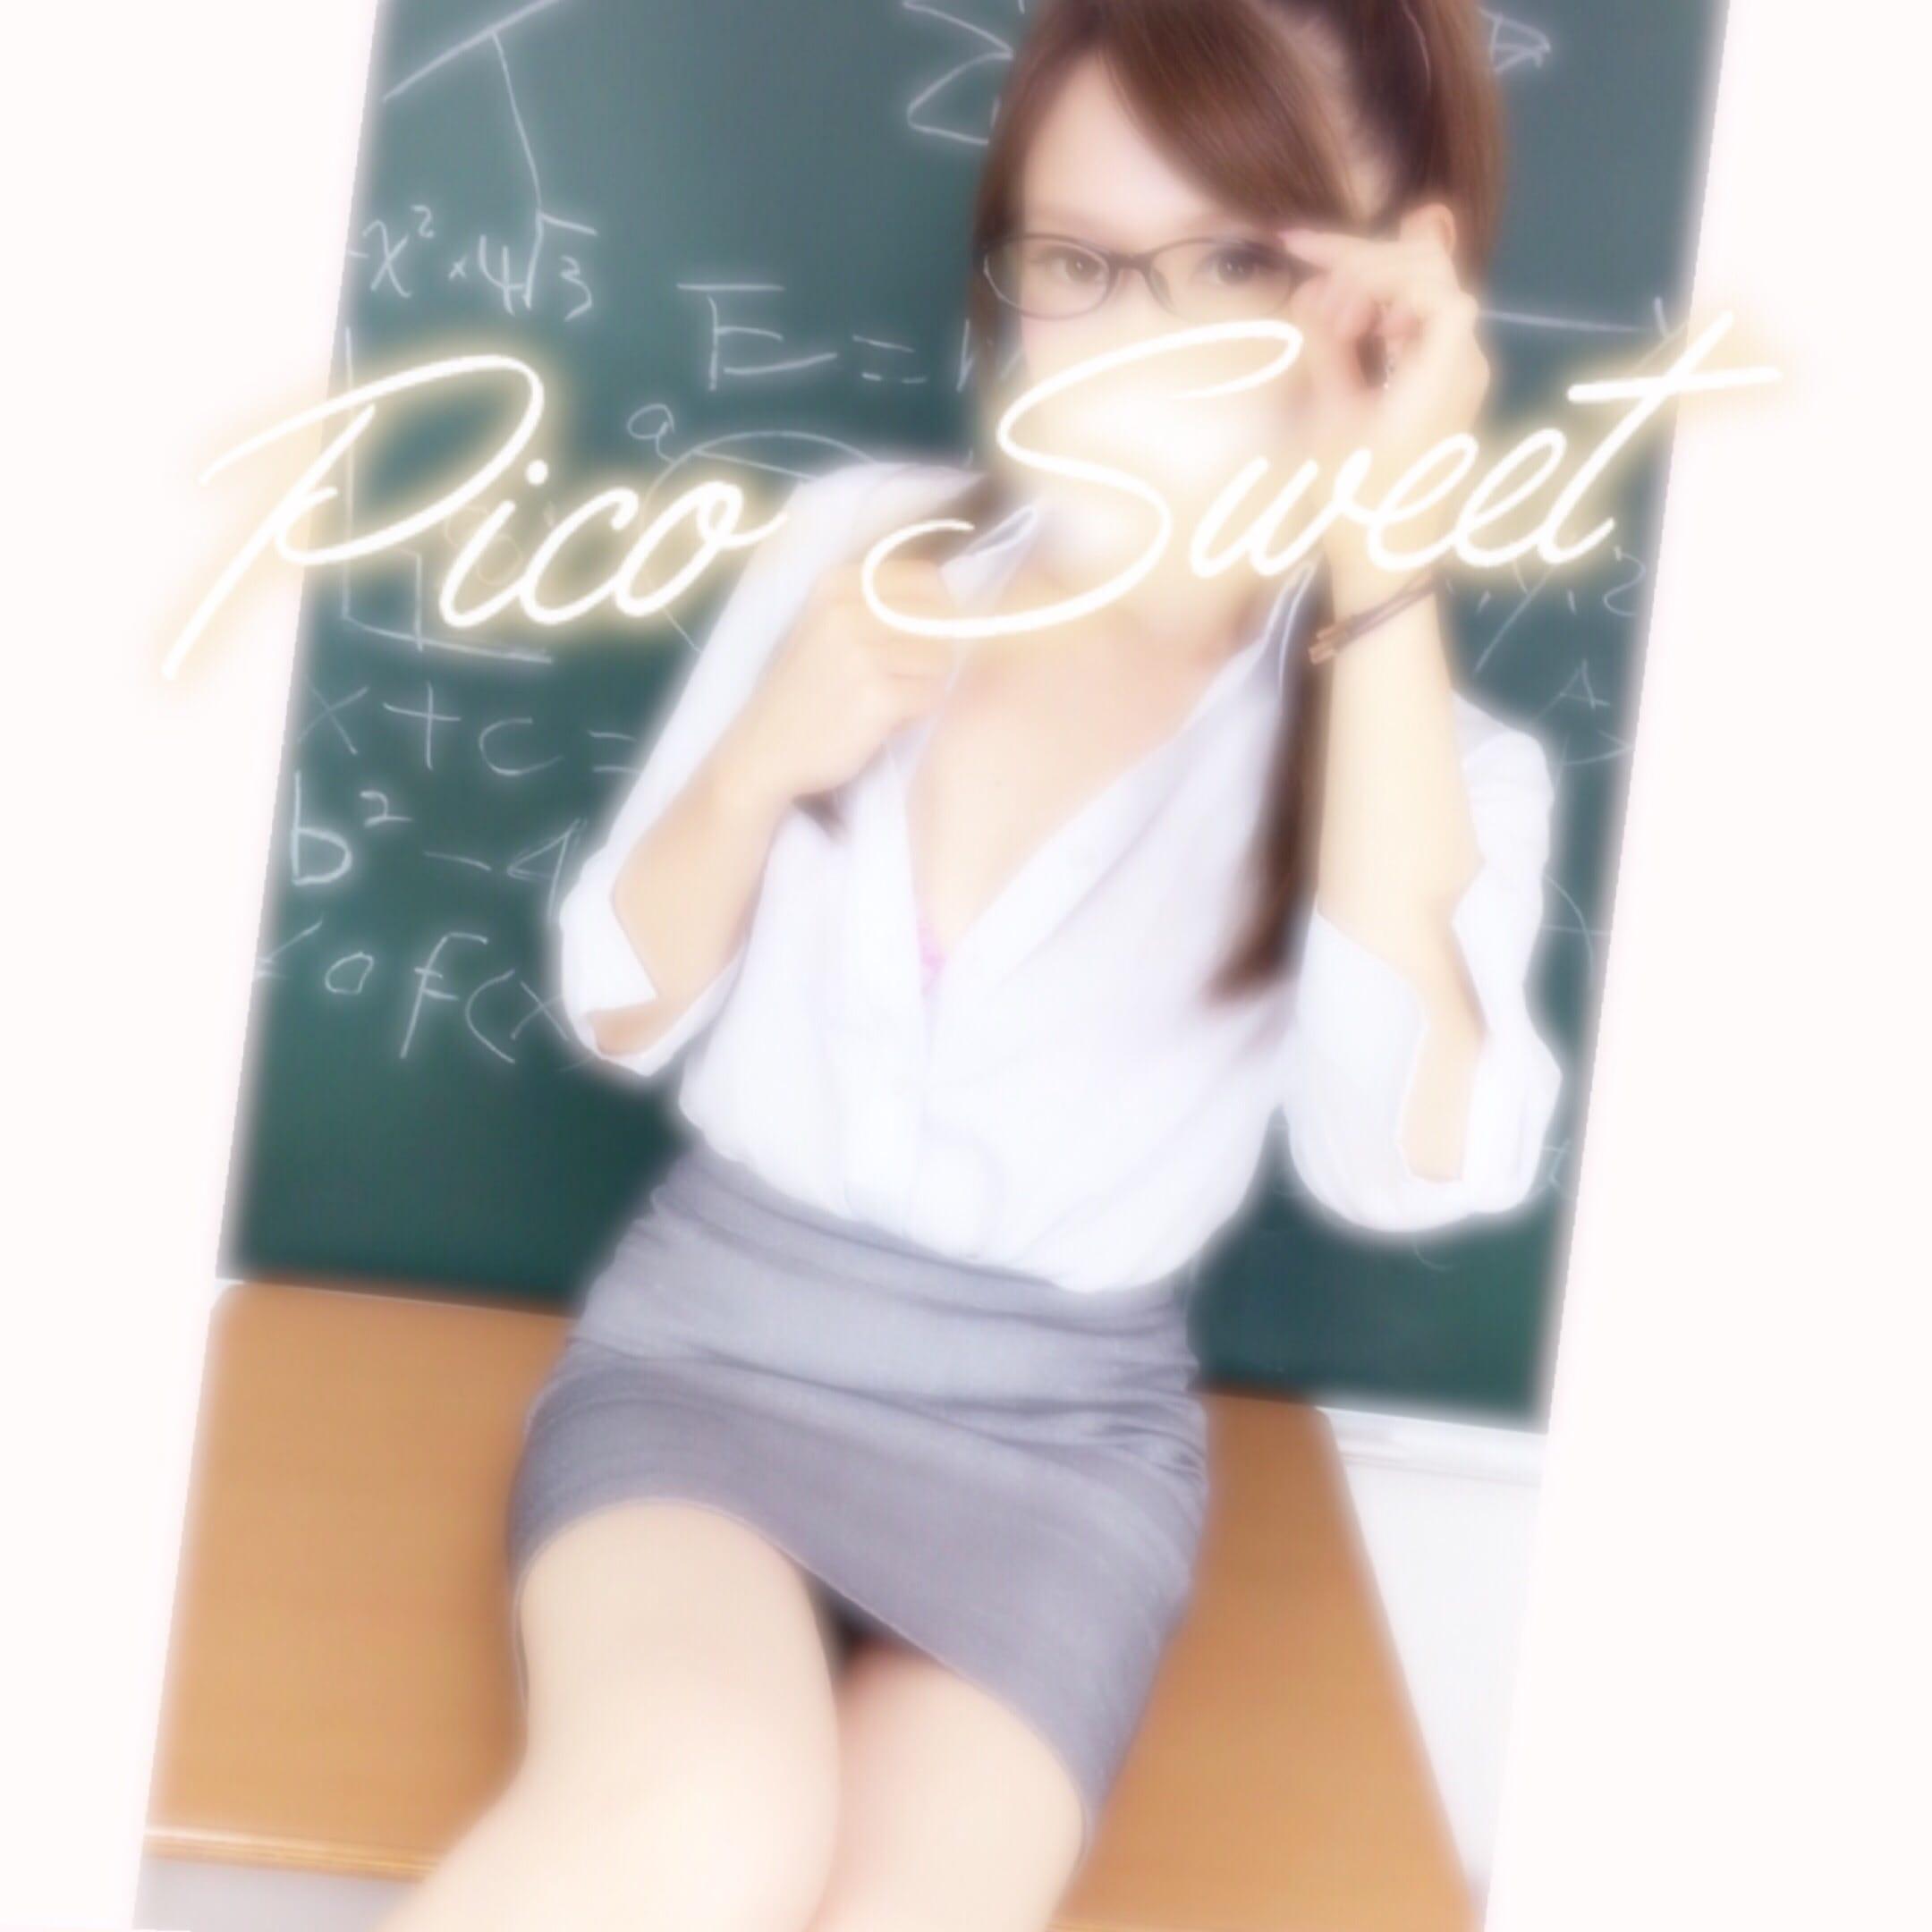 「はむちゃん♡」03/09(03/09) 14:28 |  日乃内 ルカの写メ・風俗動画